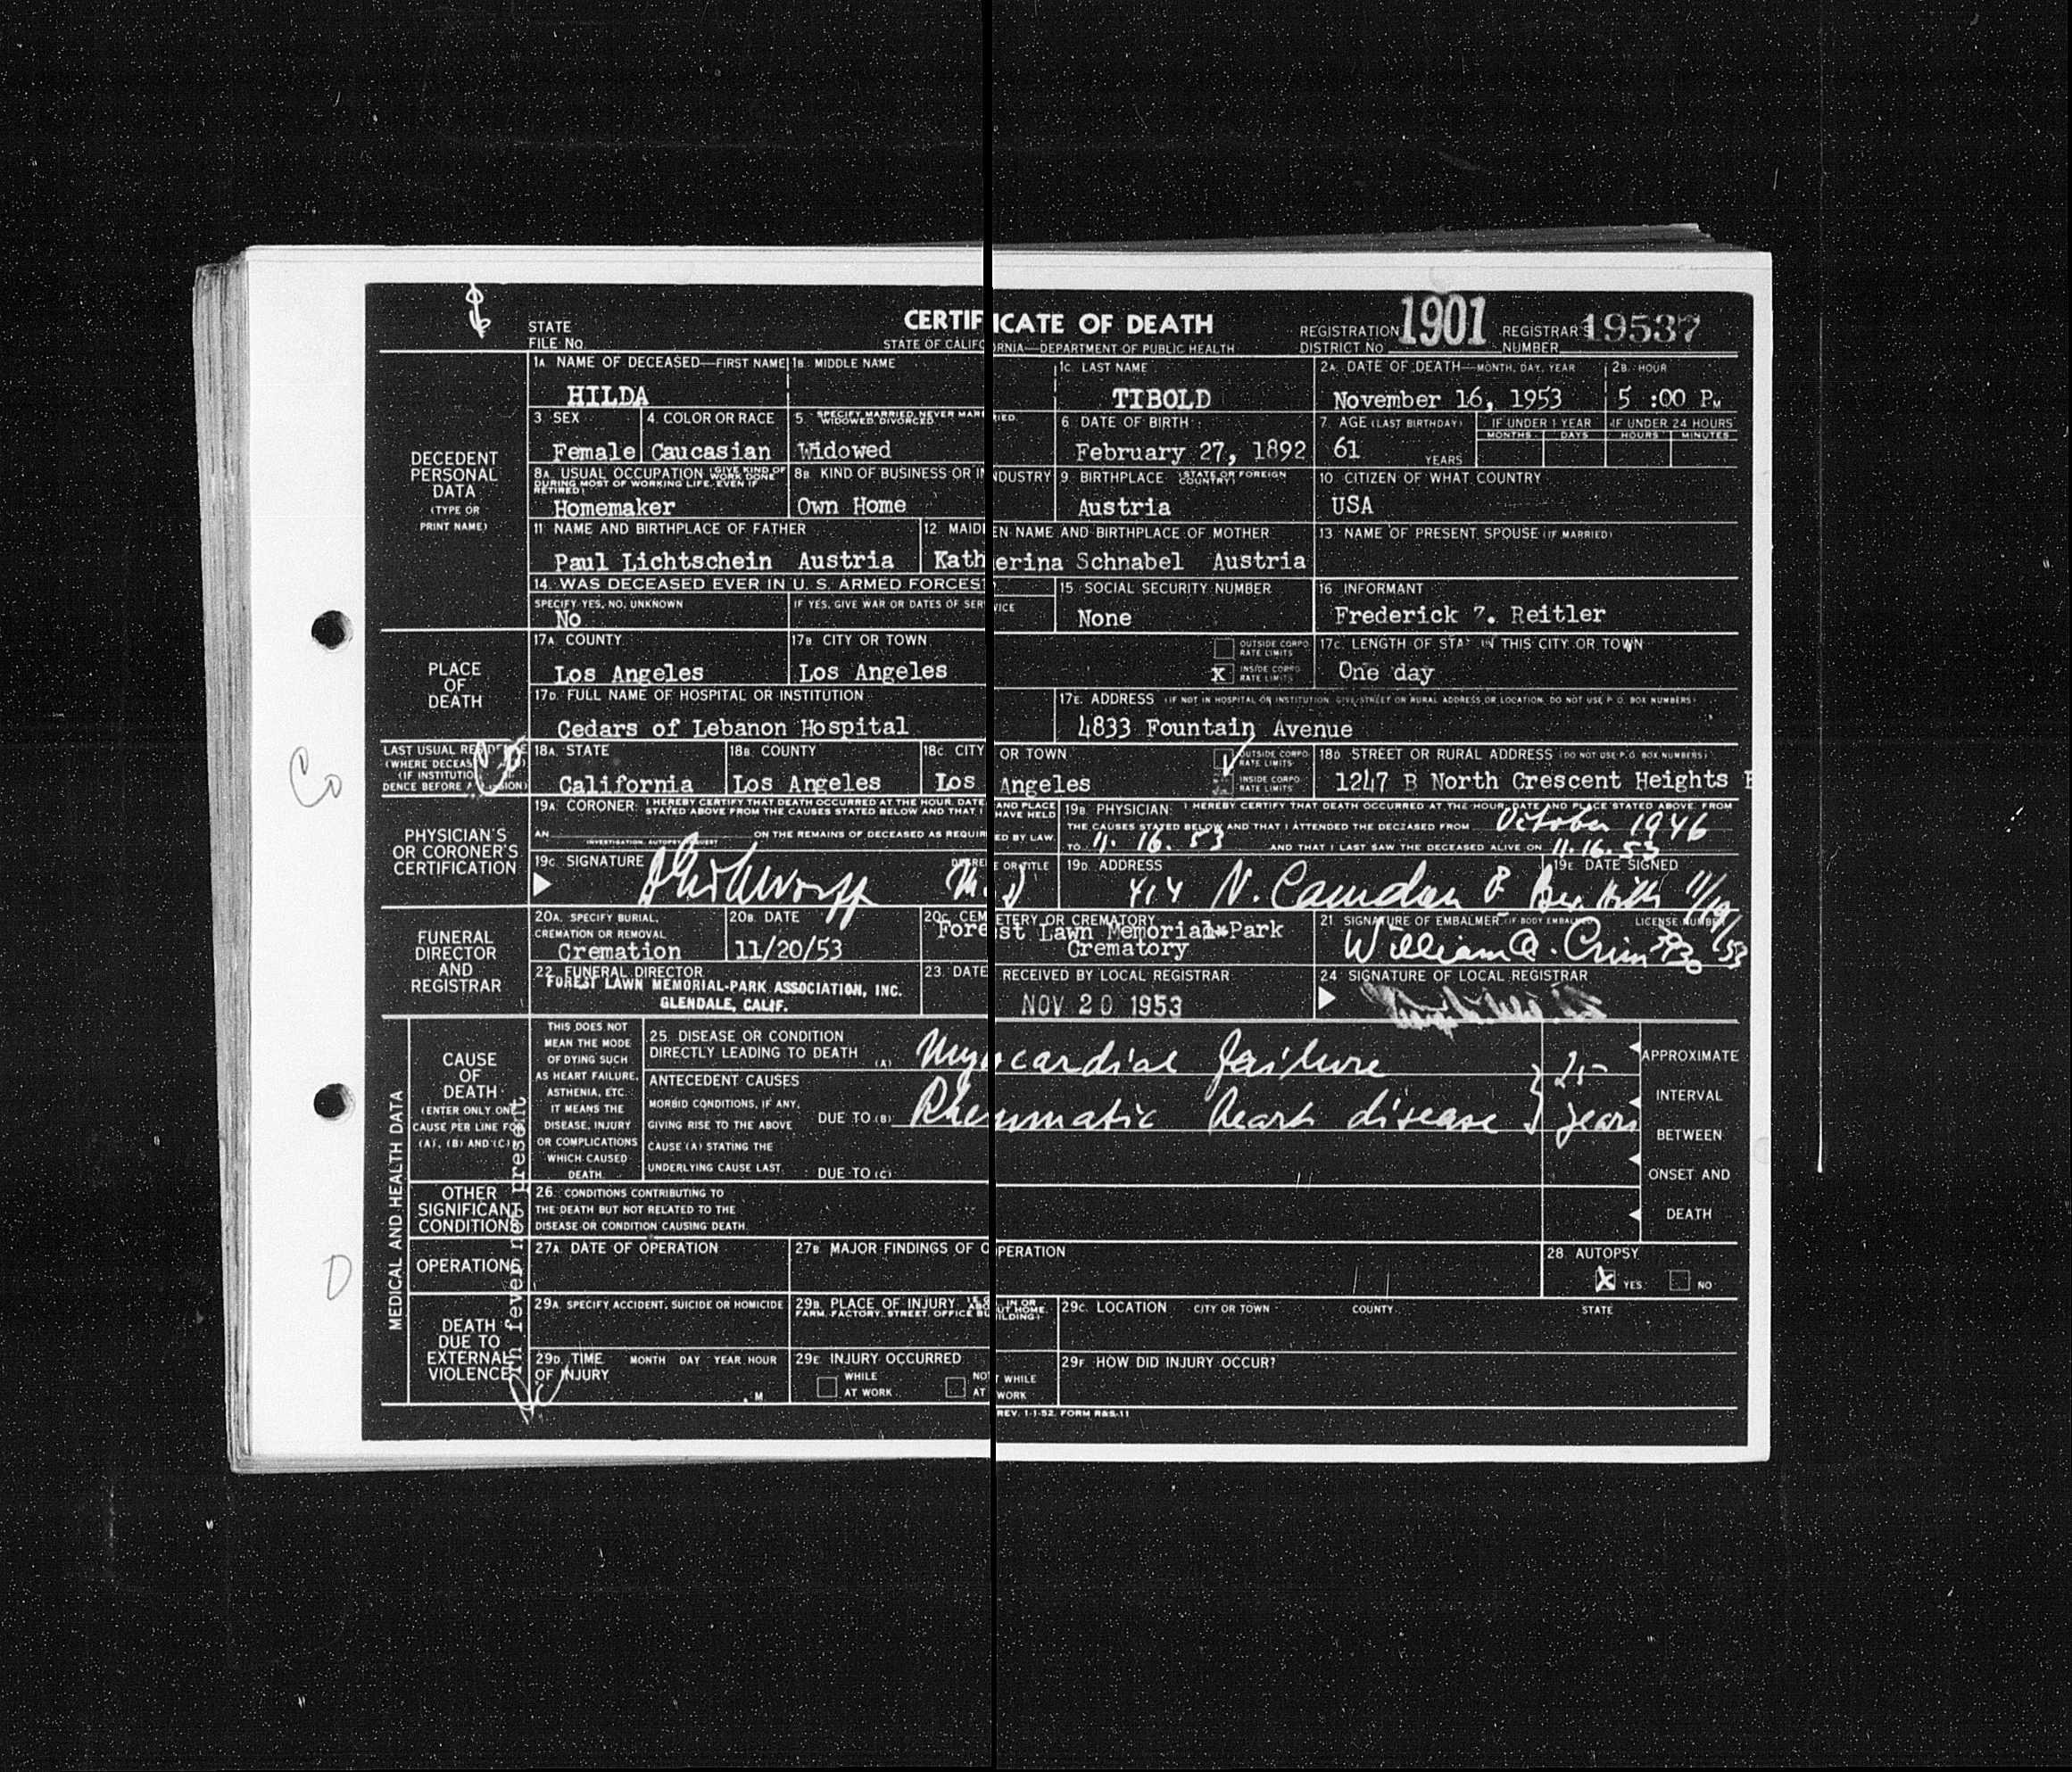 Certificat de décès de Hilda TIBOLD